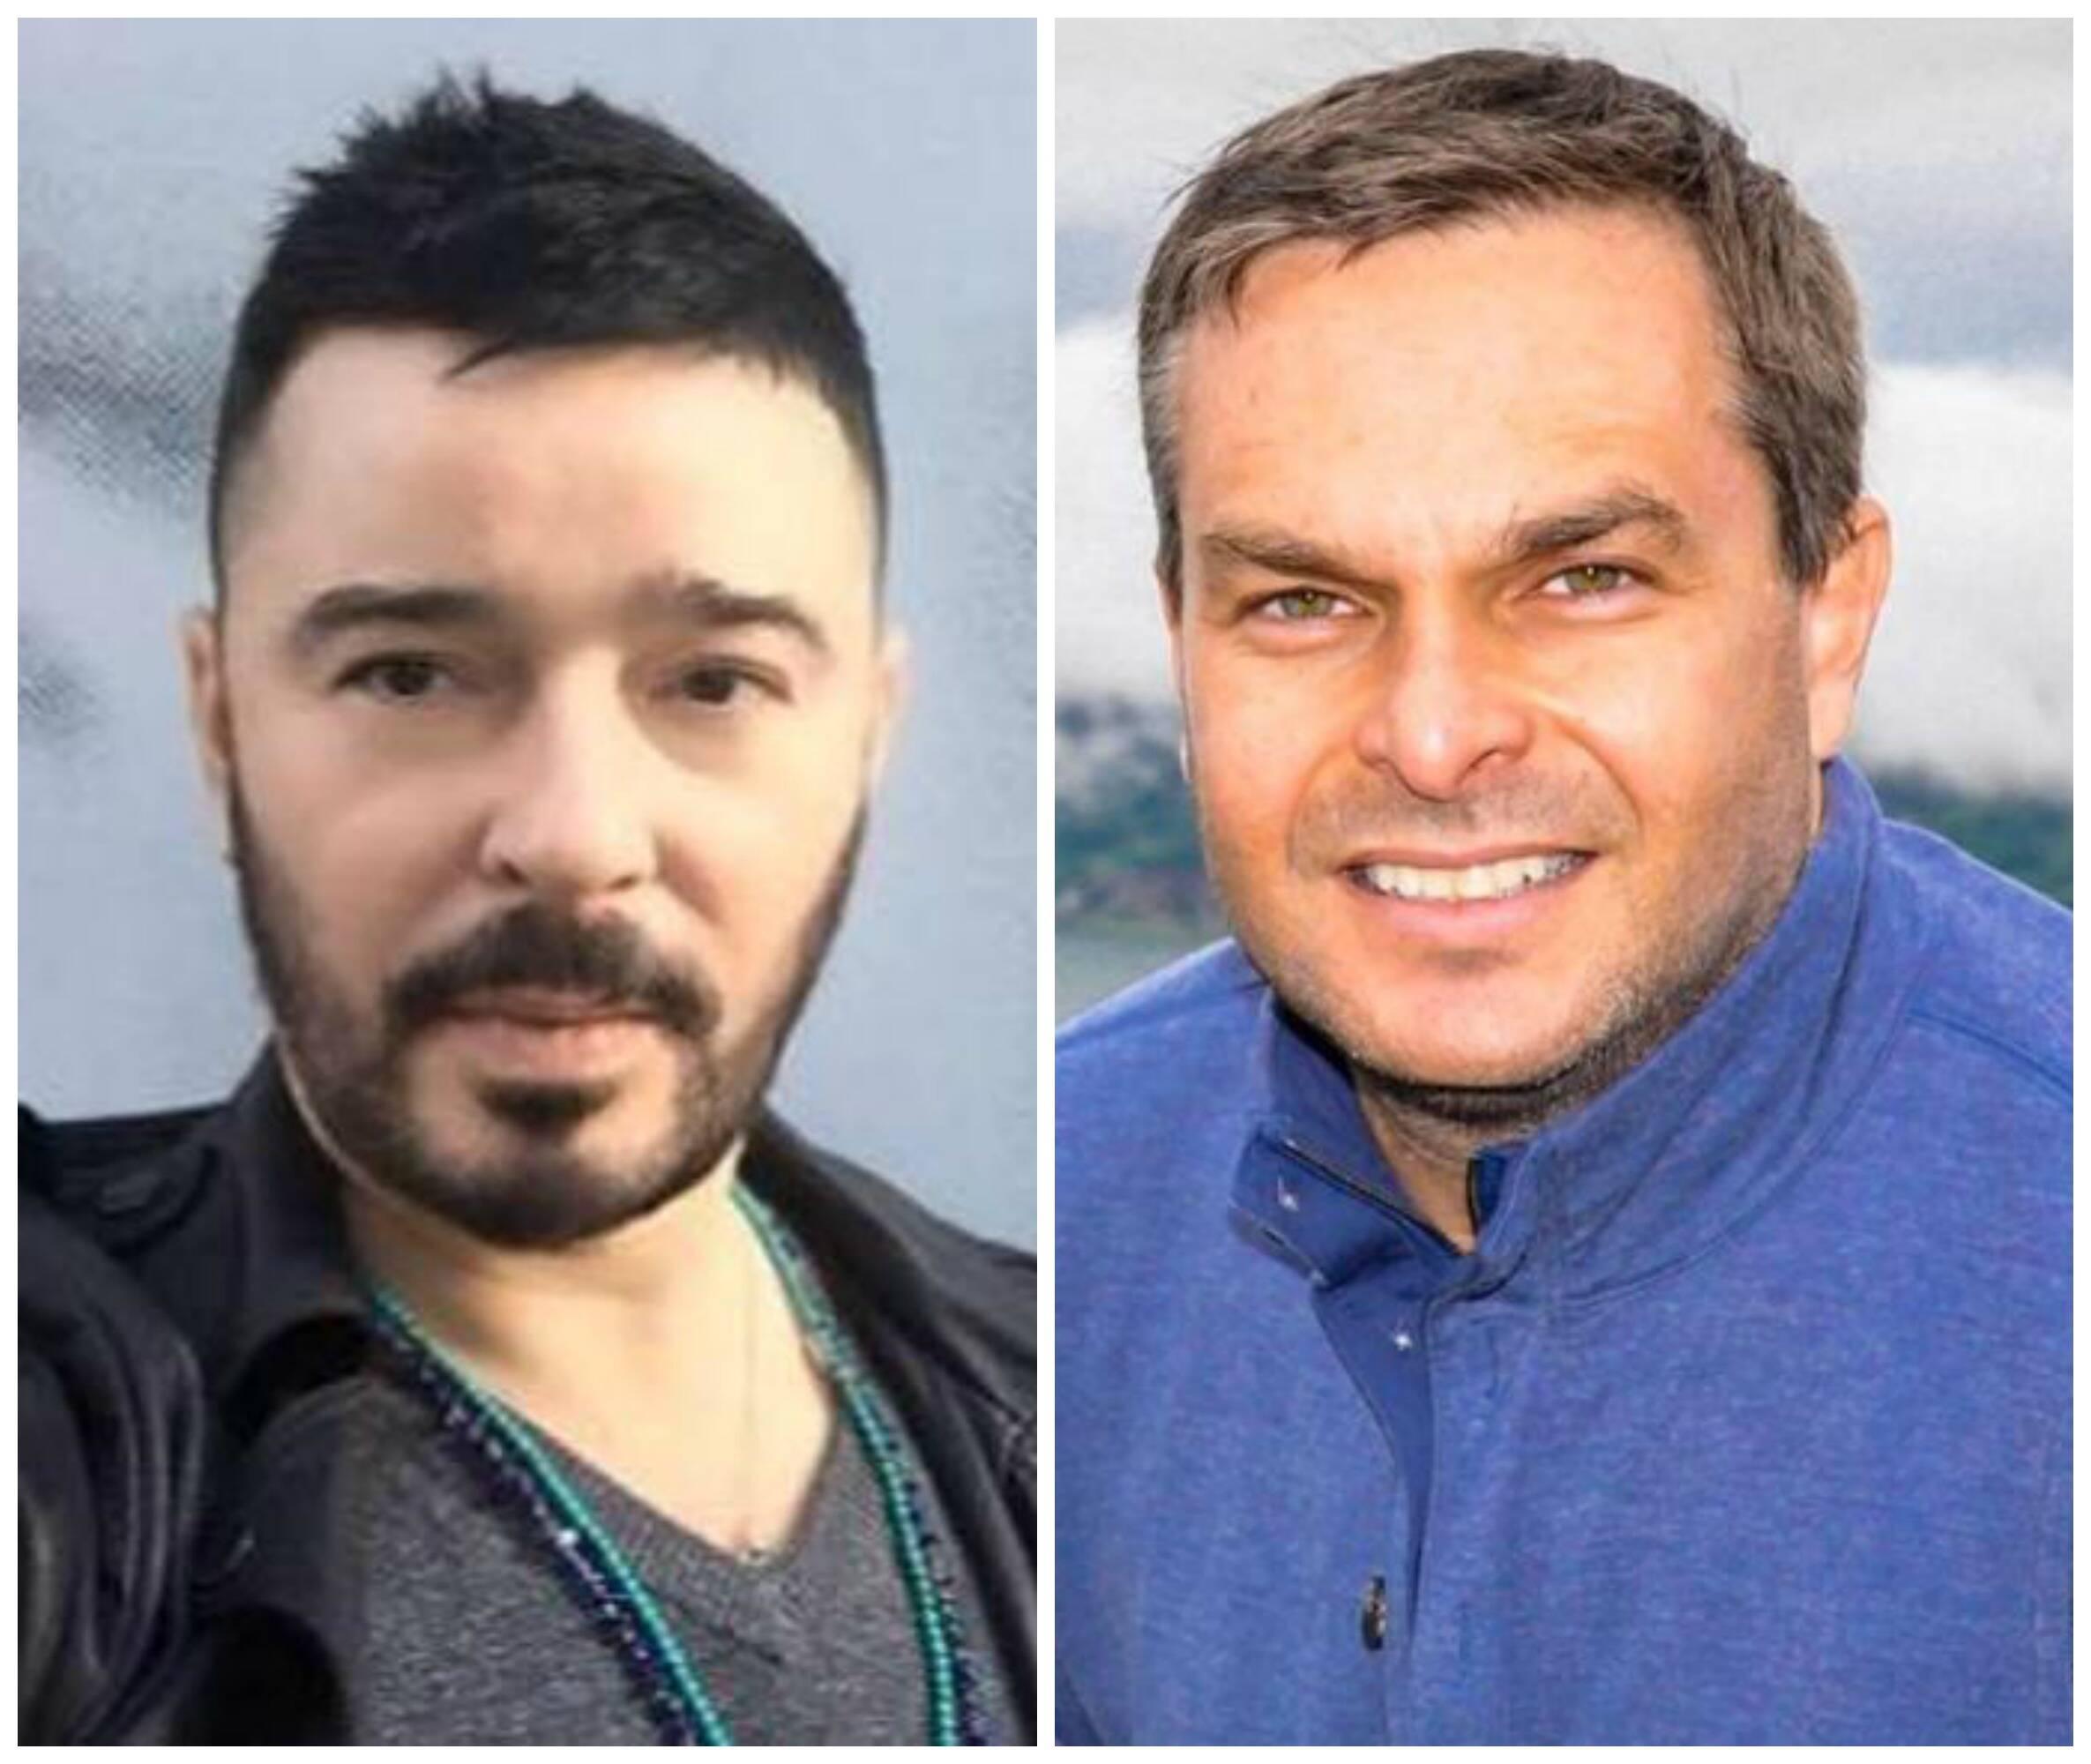 Carlos Tufvesson e Ricardo Brajterman: os dois prometeram ajuda ao casal